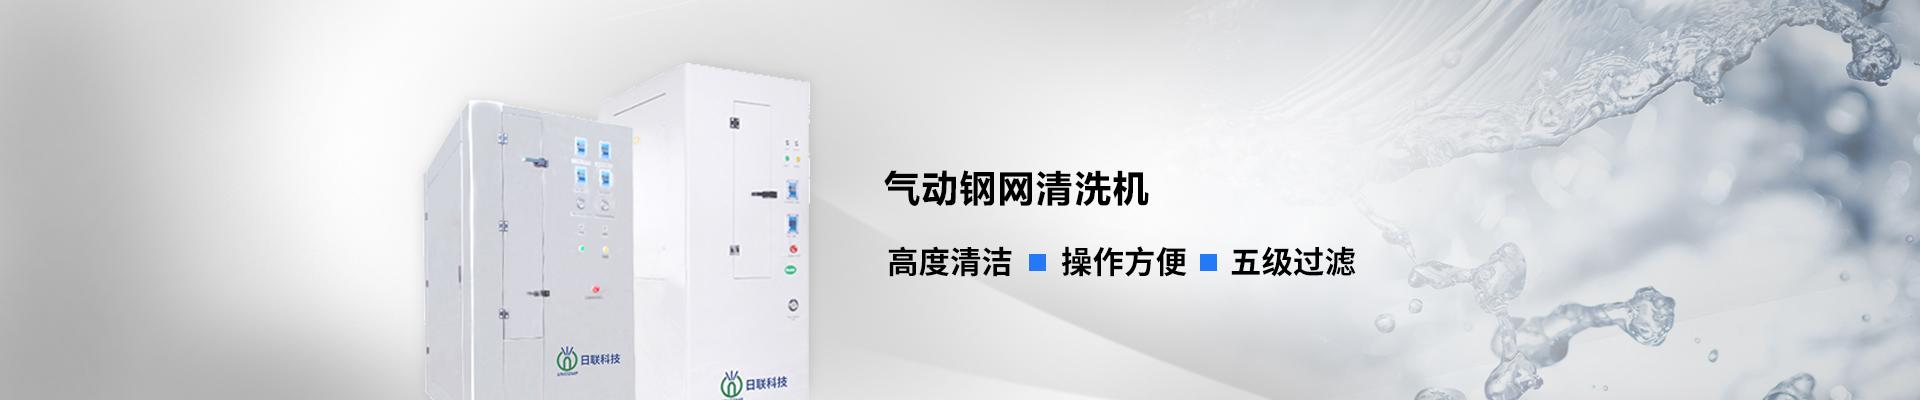 米乐m6电竞竞猜m6米乐app官网下载X-Ray检测设备